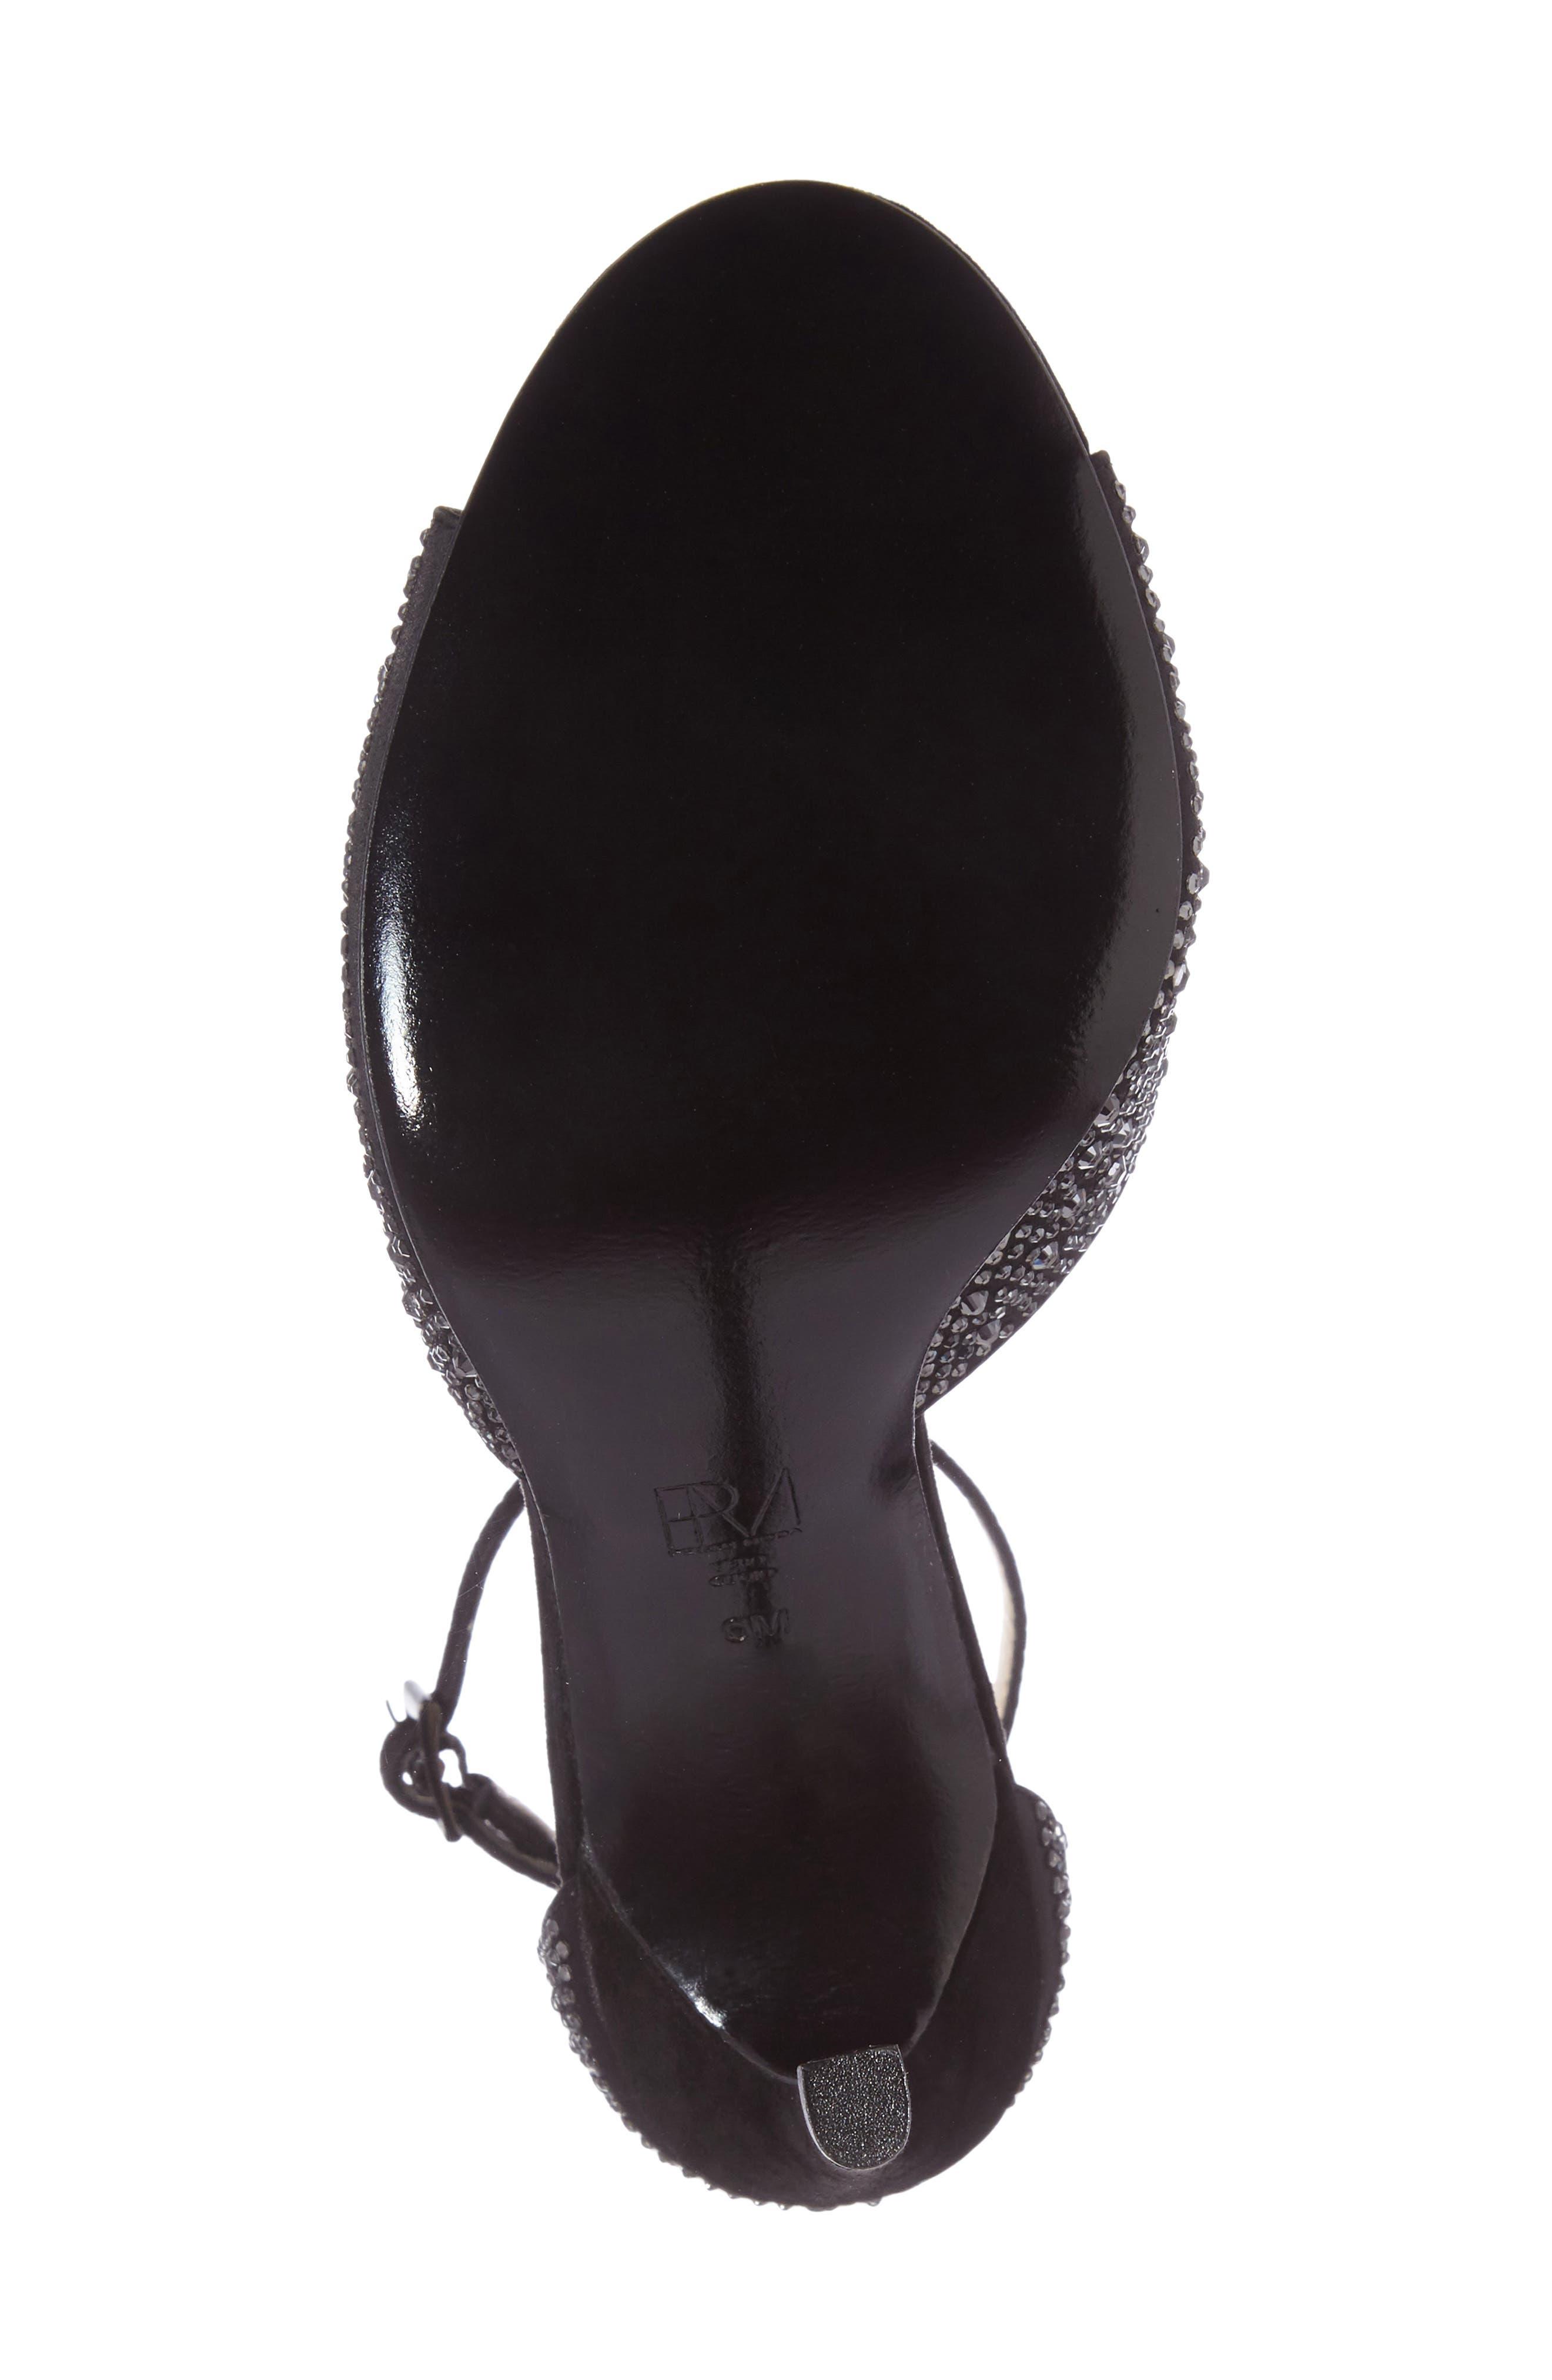 Crystal Embellished Ankle Strap Sandal,                             Alternate thumbnail 4, color,                             001